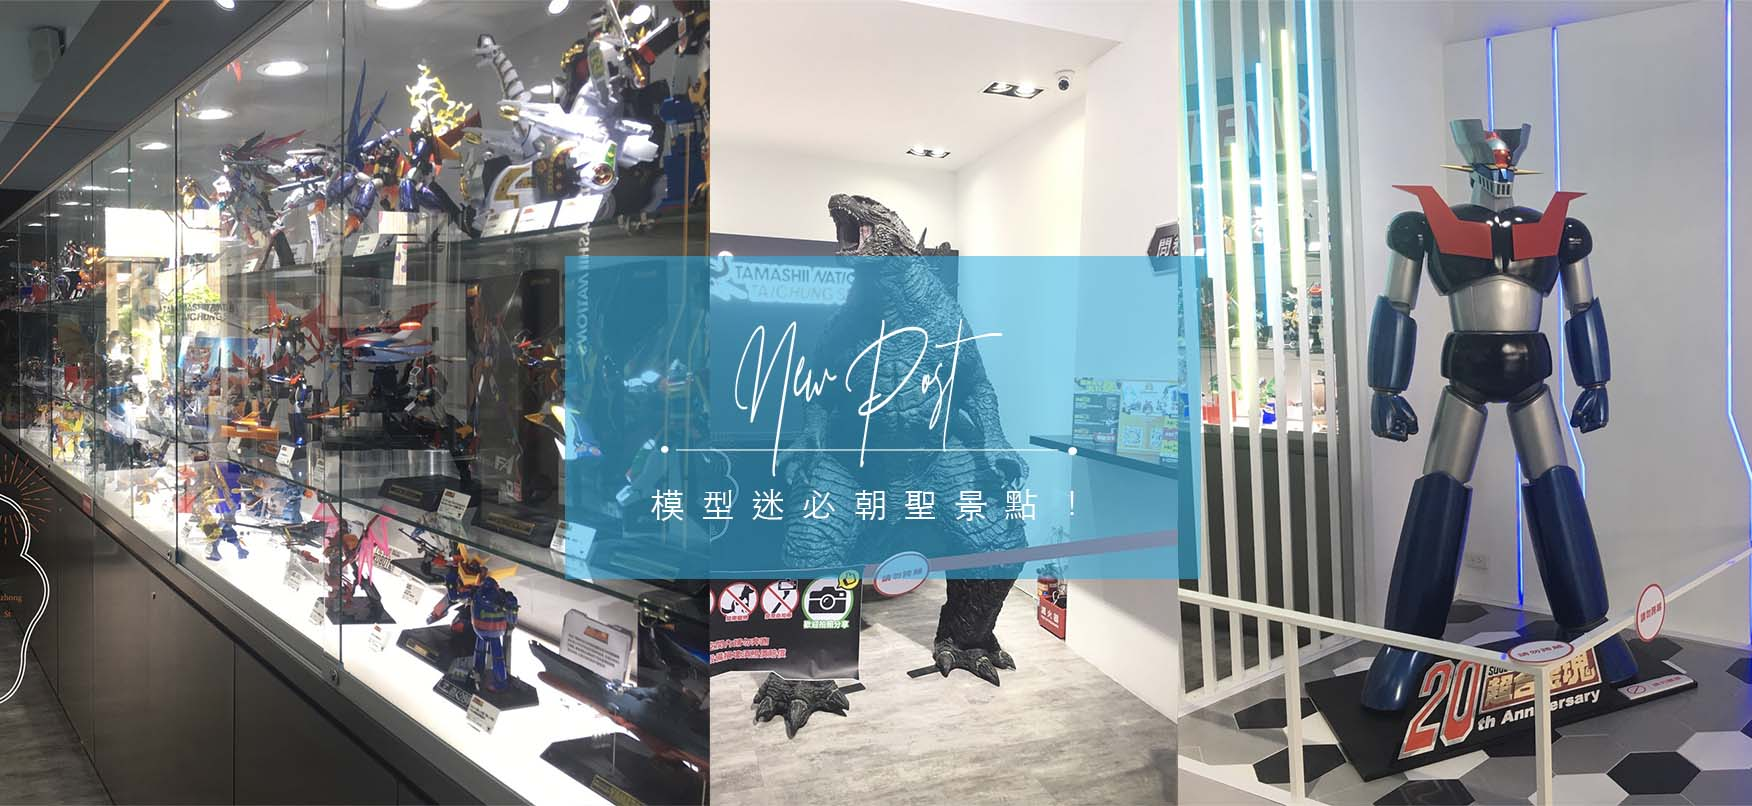 萬代南夢宮台中店 ∣ 公仔模型迷的天堂